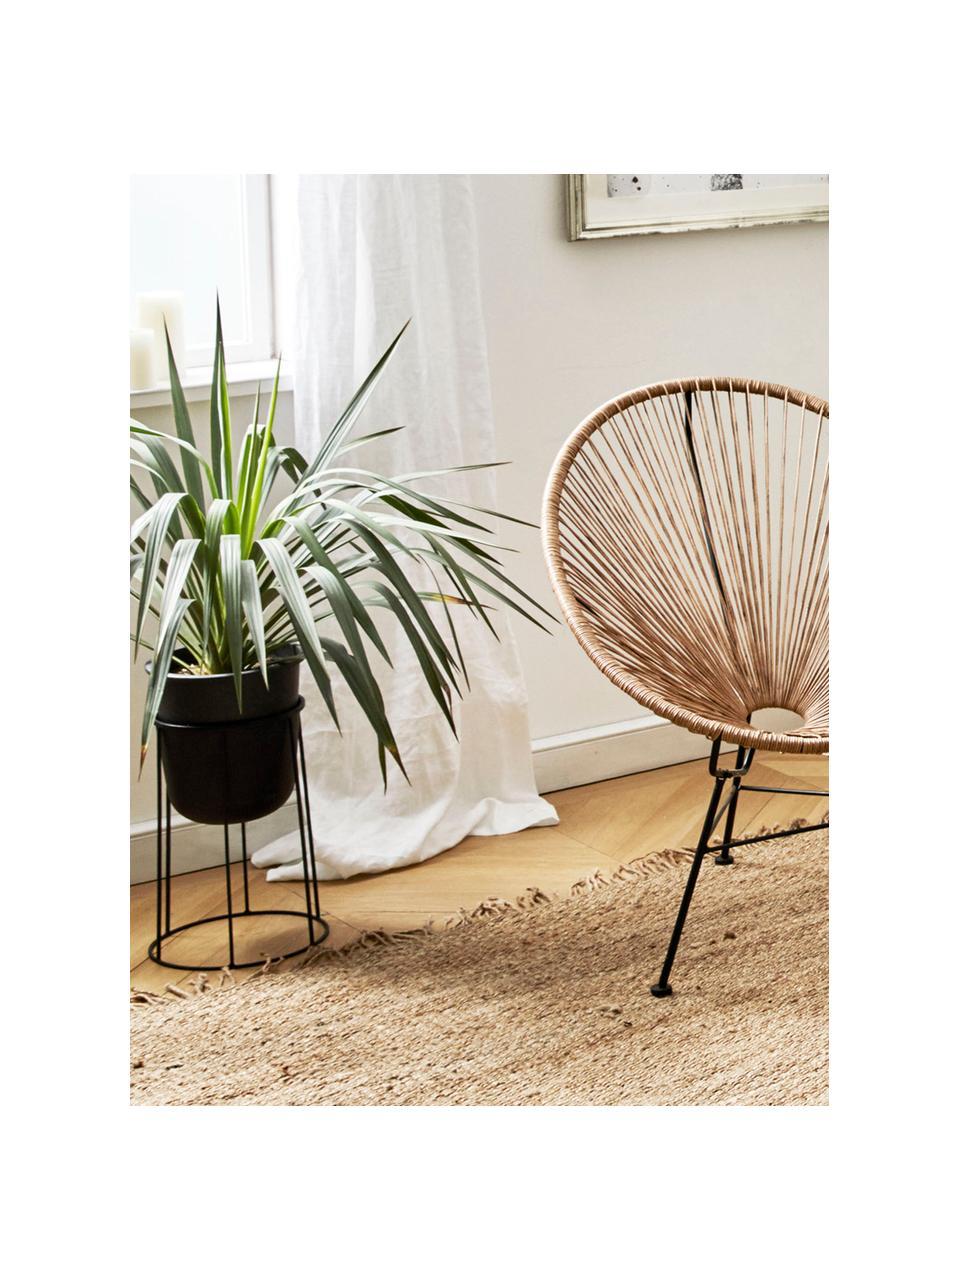 Grote plantenpot standaard Wire Base van staal, Staal, poedergecoat, Zwart, Ø 23 x H 40 cm